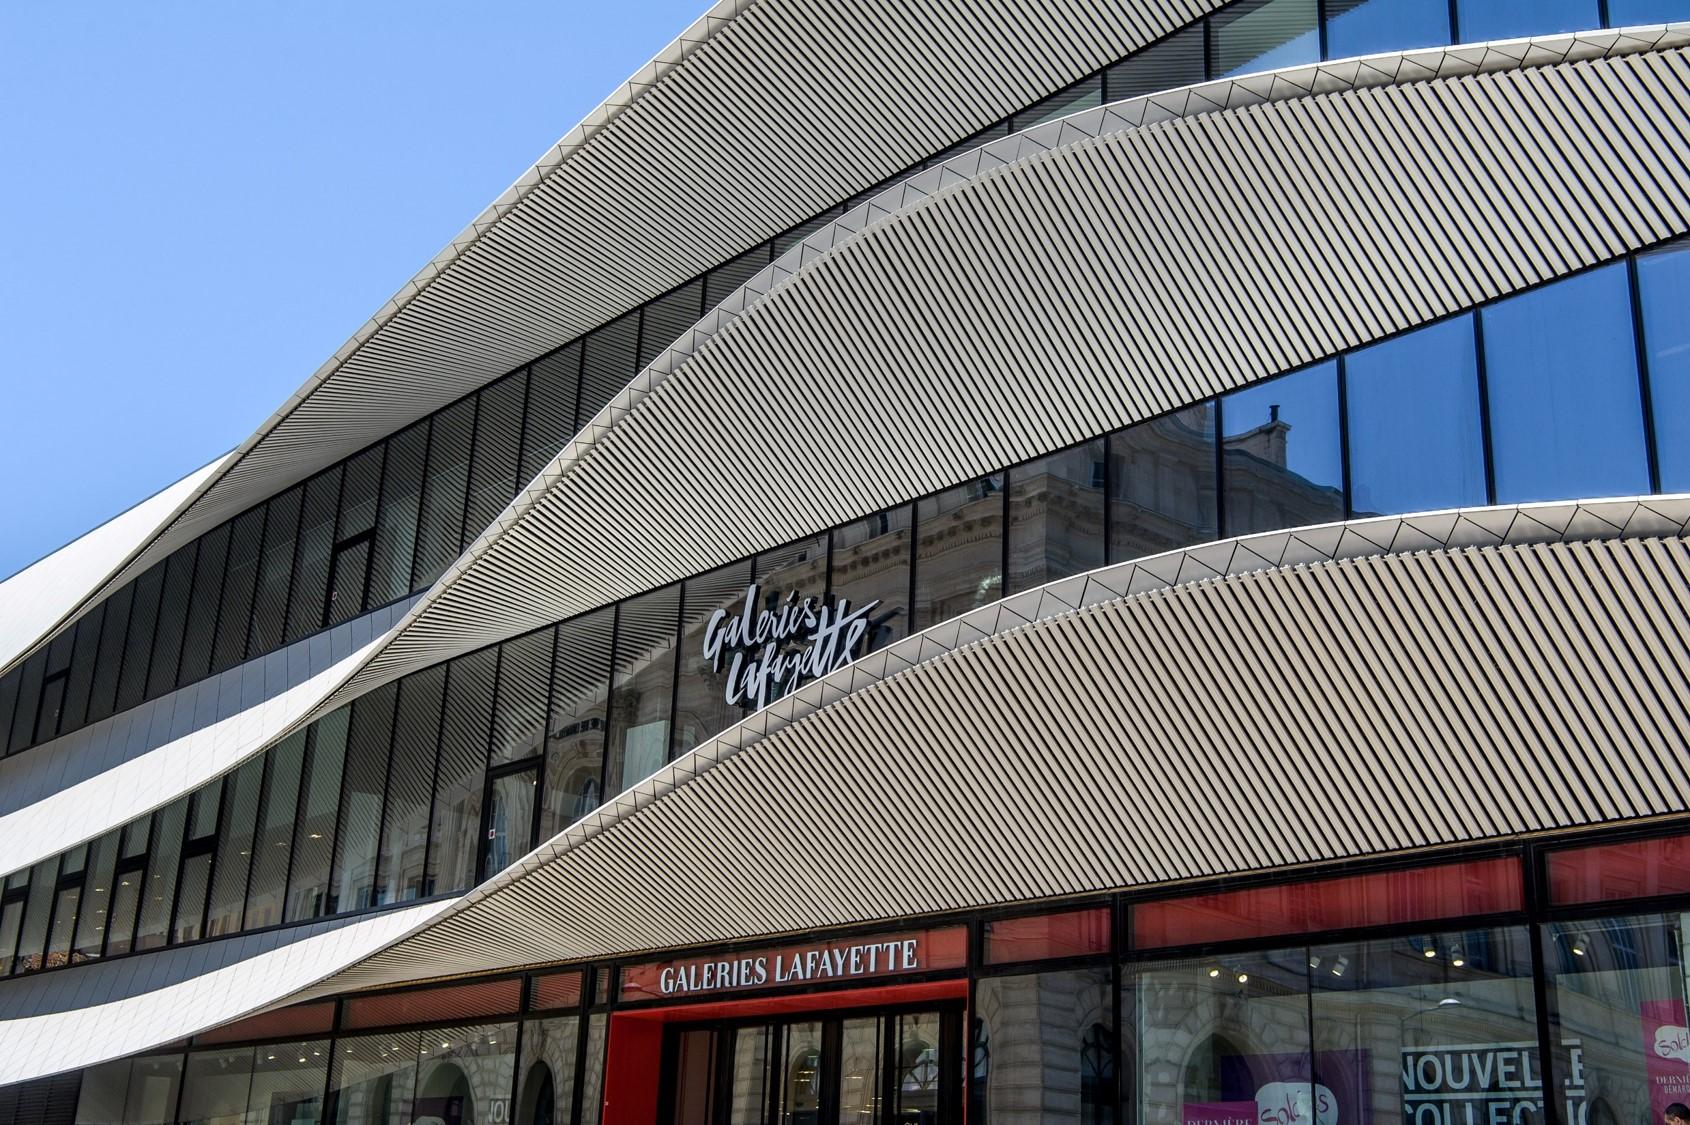 Galeries Lafayette de Marseille Bourse, réalisation de l'agence Moatti - Rivière, 2016